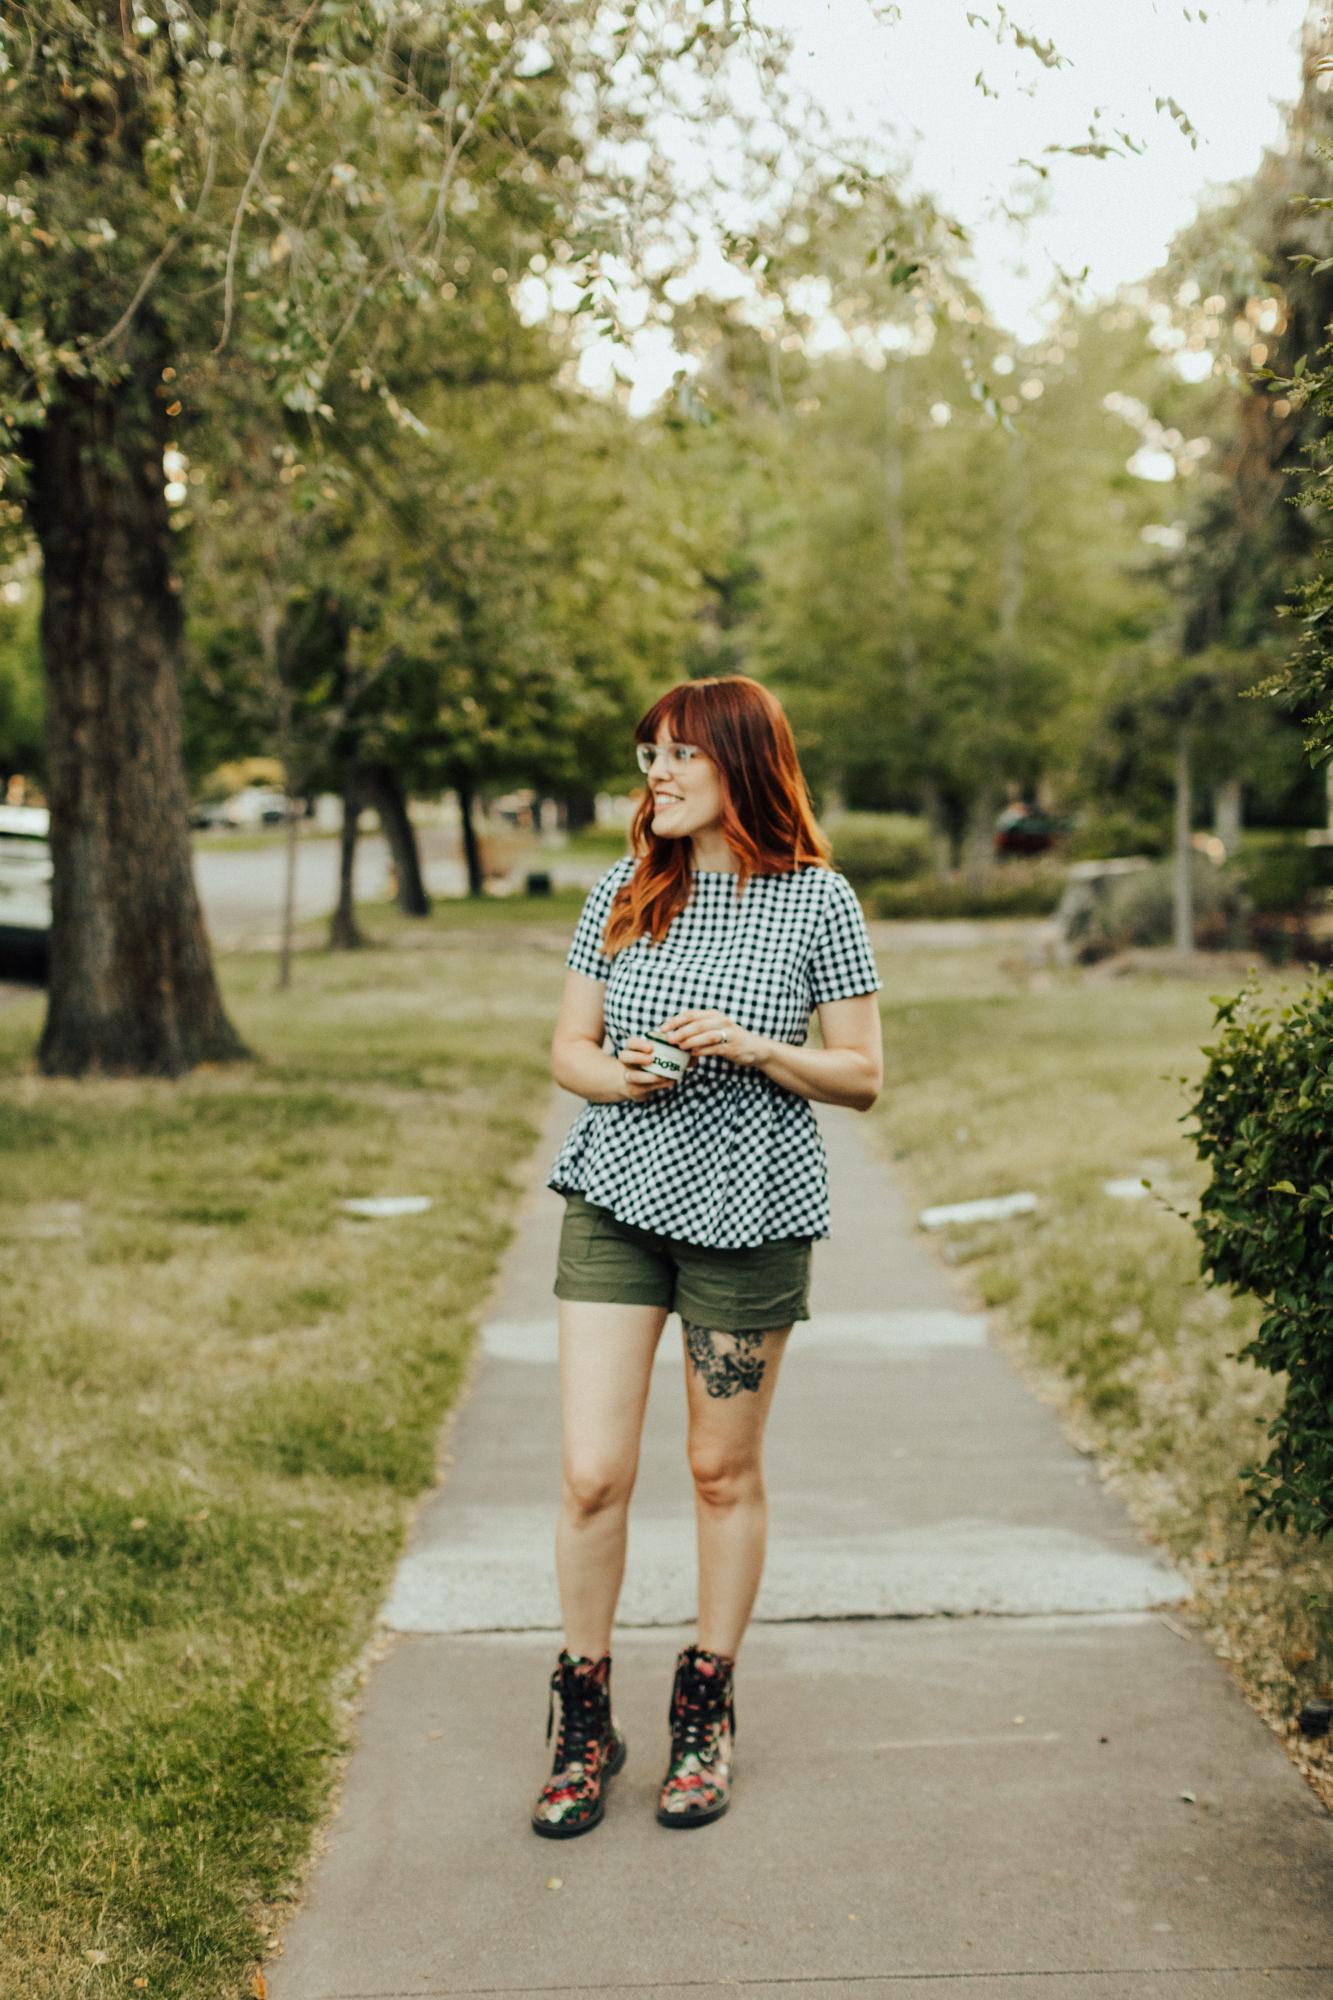 Woman walking down street eating Noosa yoghurt